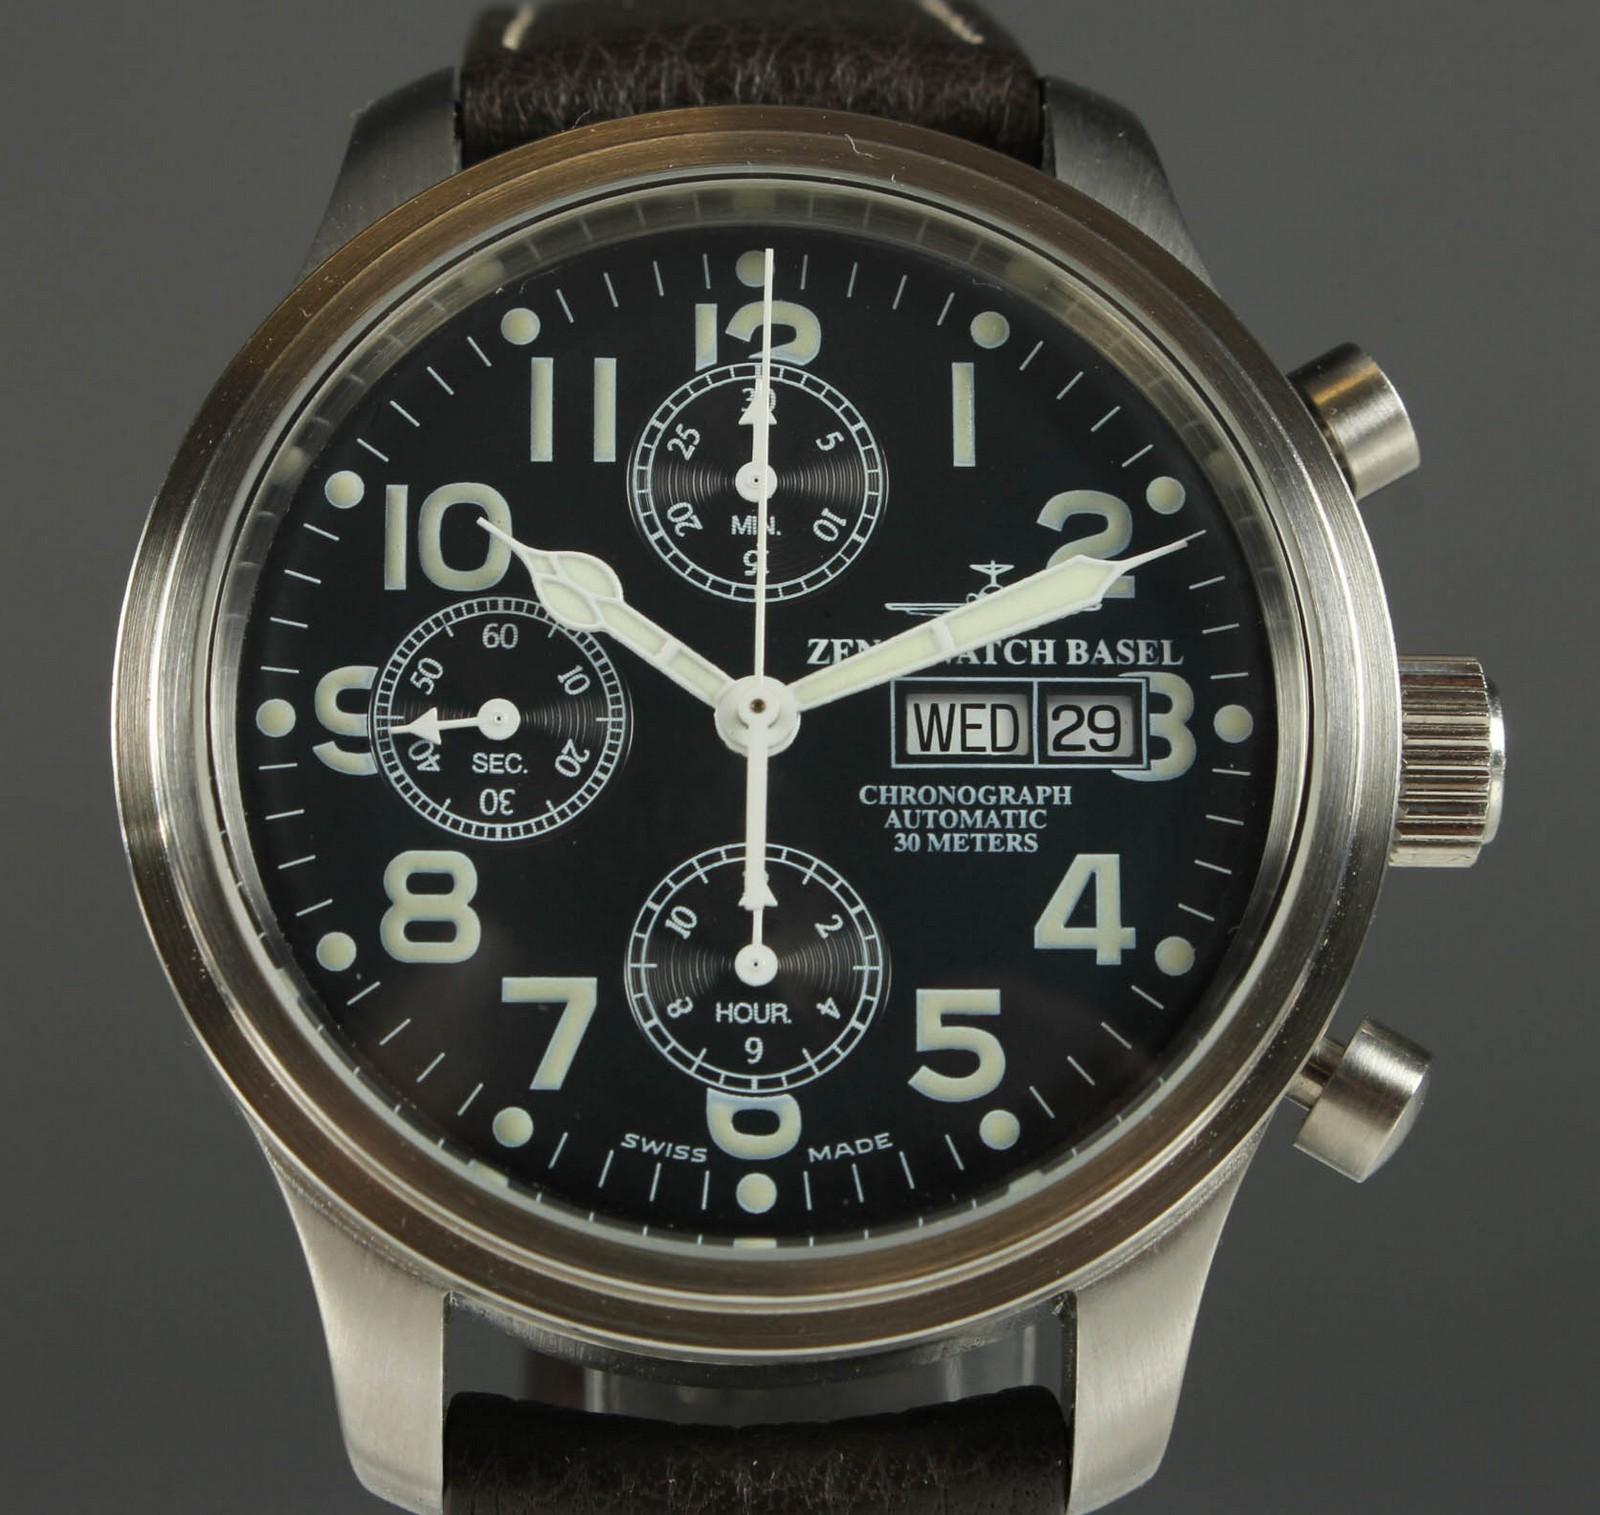 Zeno Watch Basel. Herre Chronograph Automatic - Zeno Watch Basel Chronograph Automatic. Model Ref. 9557. Urkasse af mat- poleret stål. Sort urskive med arabertal, Time.- minut samt seperat sekuntvisere, dag- og datogengivelse. chronograph/stopur-funktion. Valjoux automatisk værk cal. 7750,...